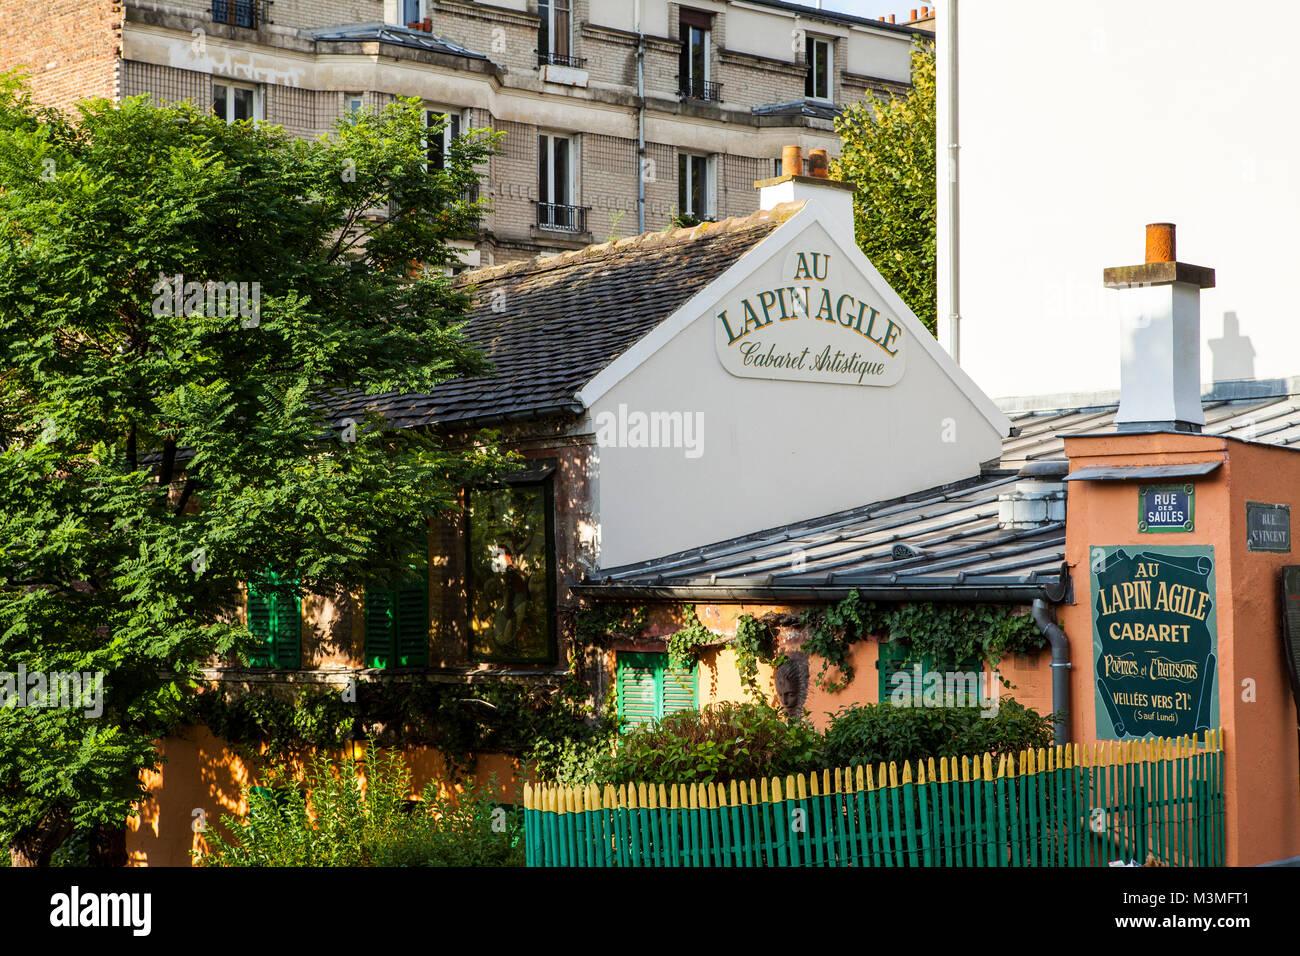 Parigi, Francia - luglio13,2014: Lapin Agile cabaret club di Montmartre, Paris è stato popolari con i residenti Immagini Stock